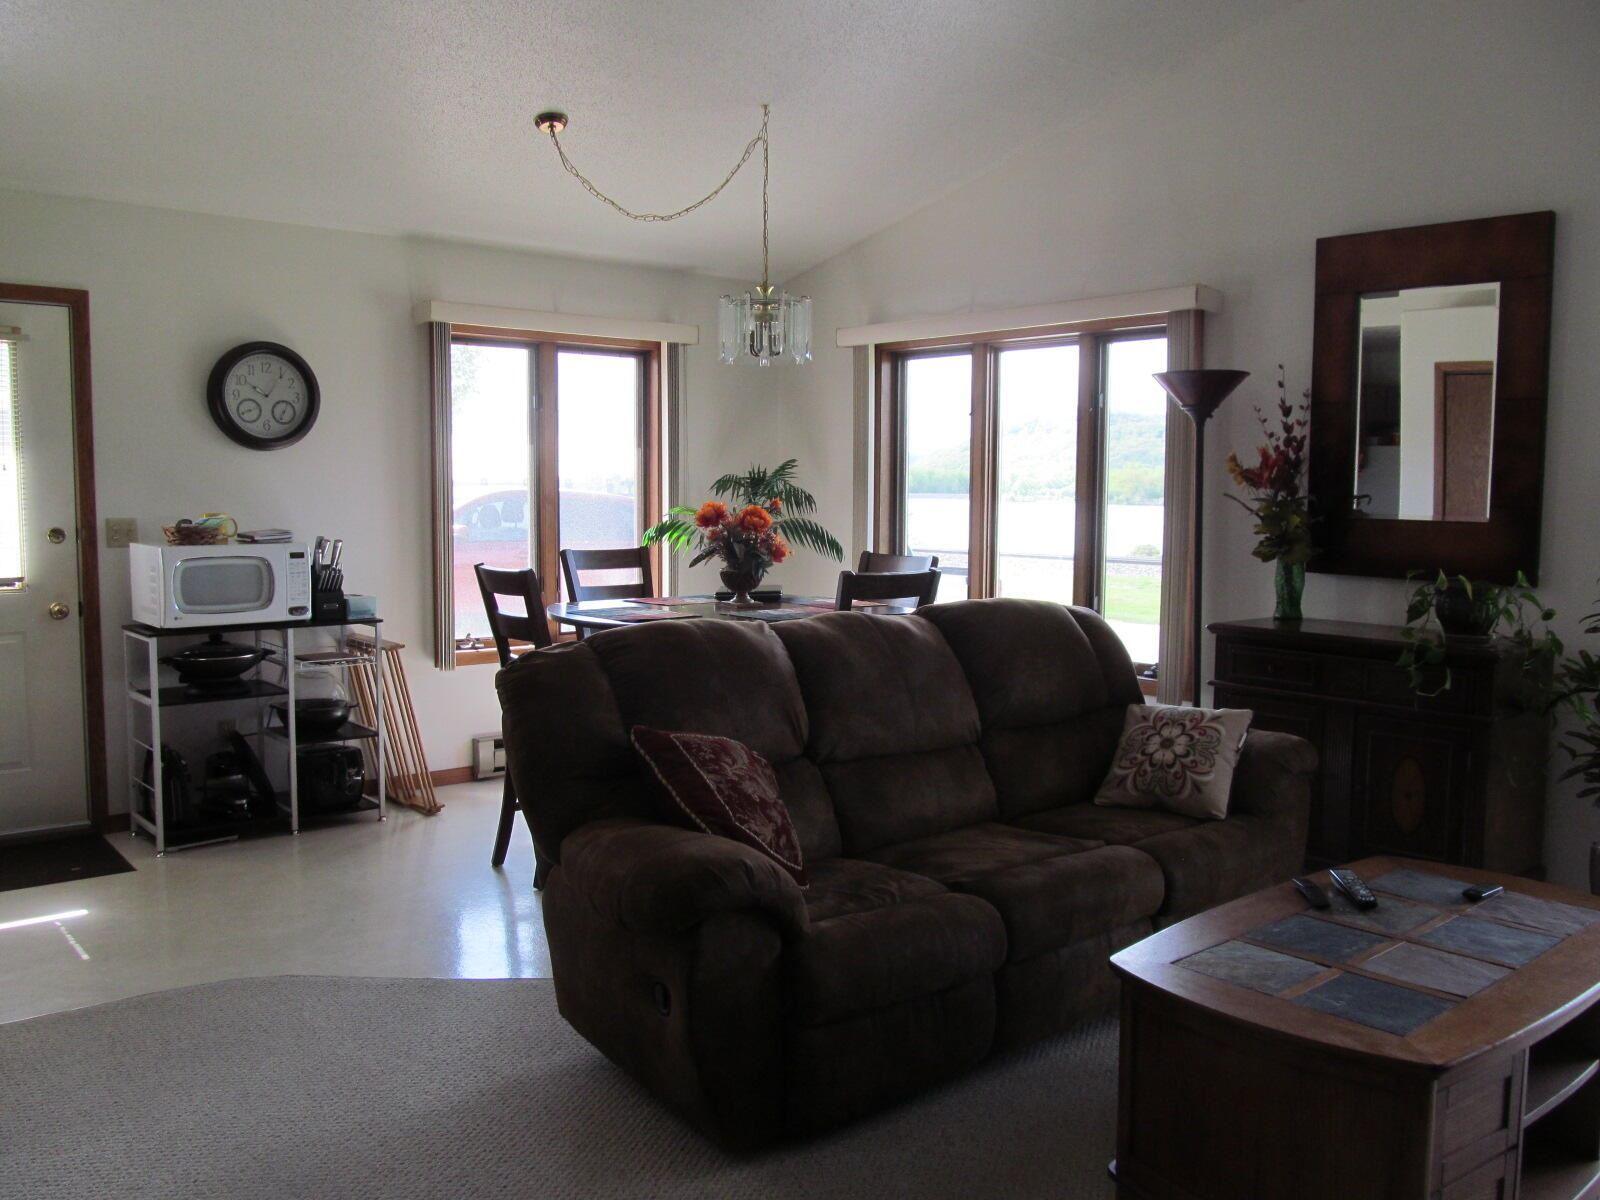 24678 1st St, Trempealeau, WI 54661 - MLS#: 1739592